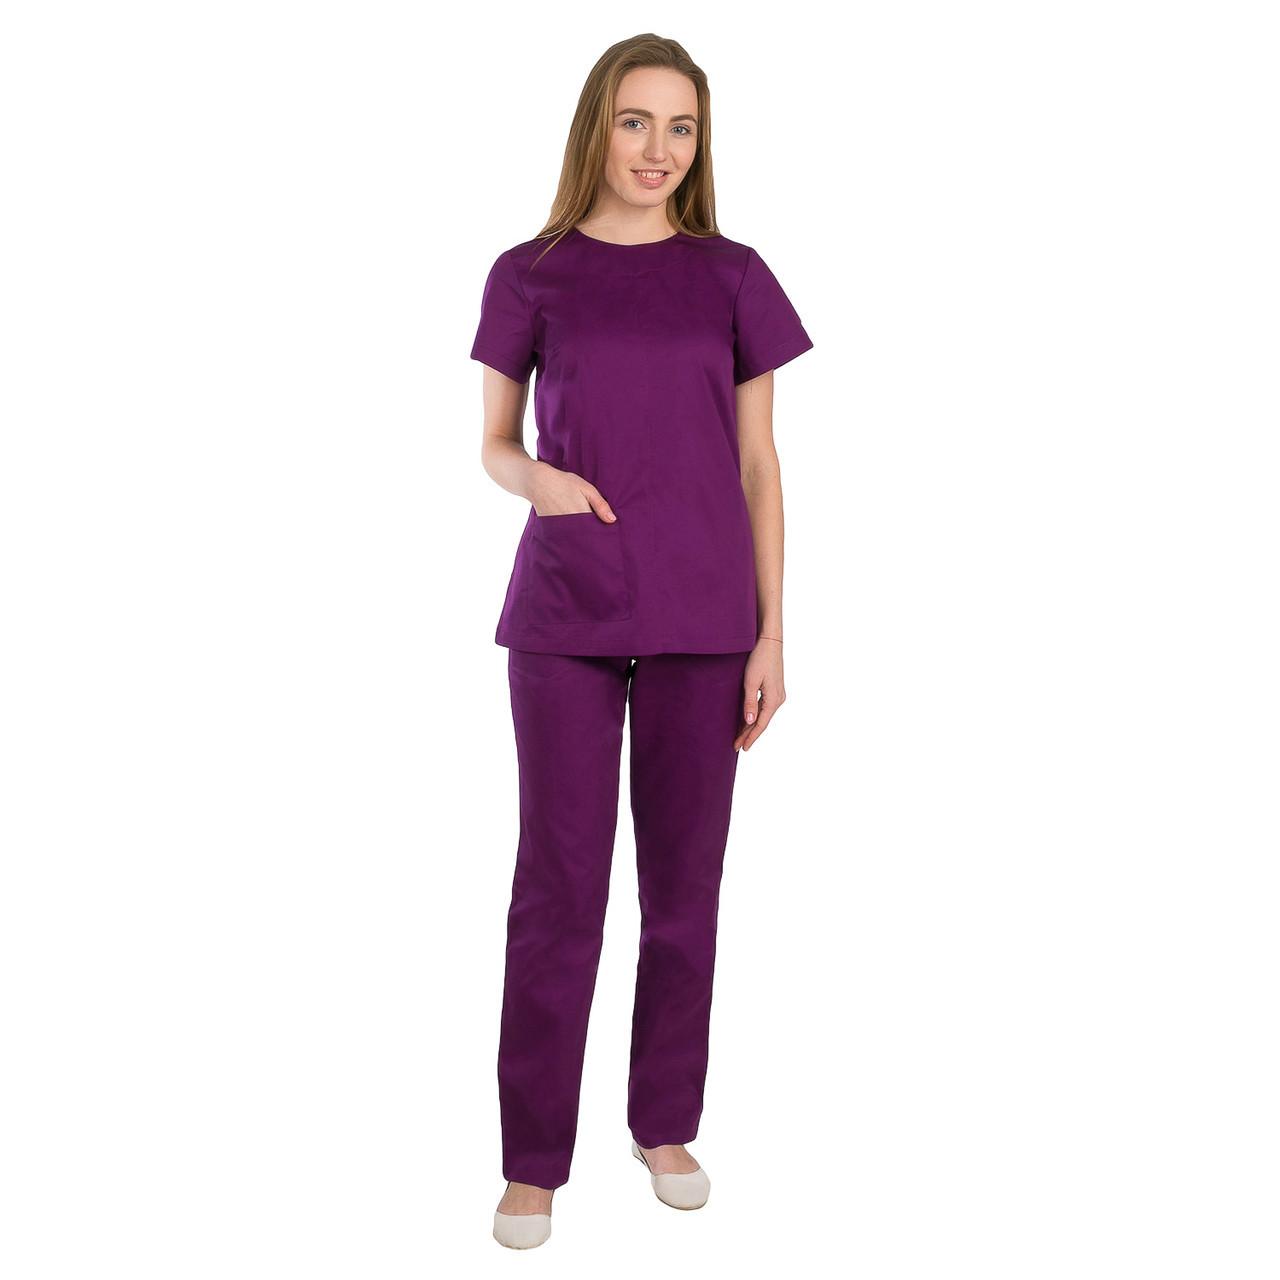 Медичний жіночий костюм Жасмин фіолетовий 40-48